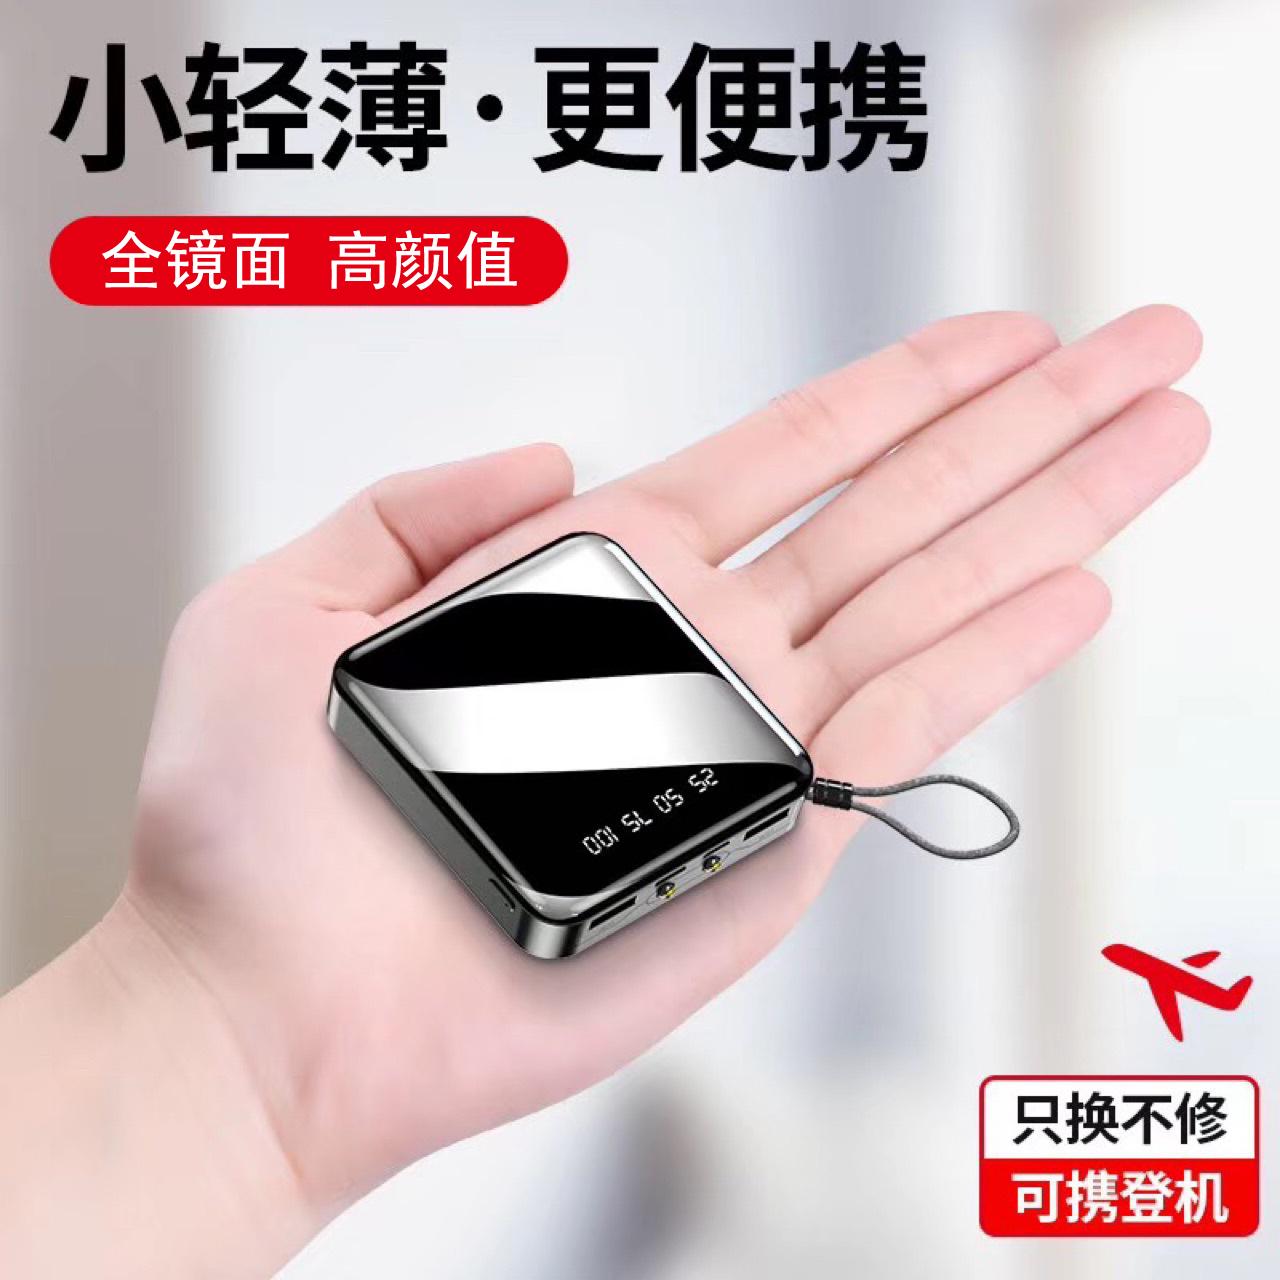 充电宝20000毫安超大容量轻薄迷你便携小巧苹果vivo华为oppo手机专用通用正品超大耐用1000000石墨烯5000